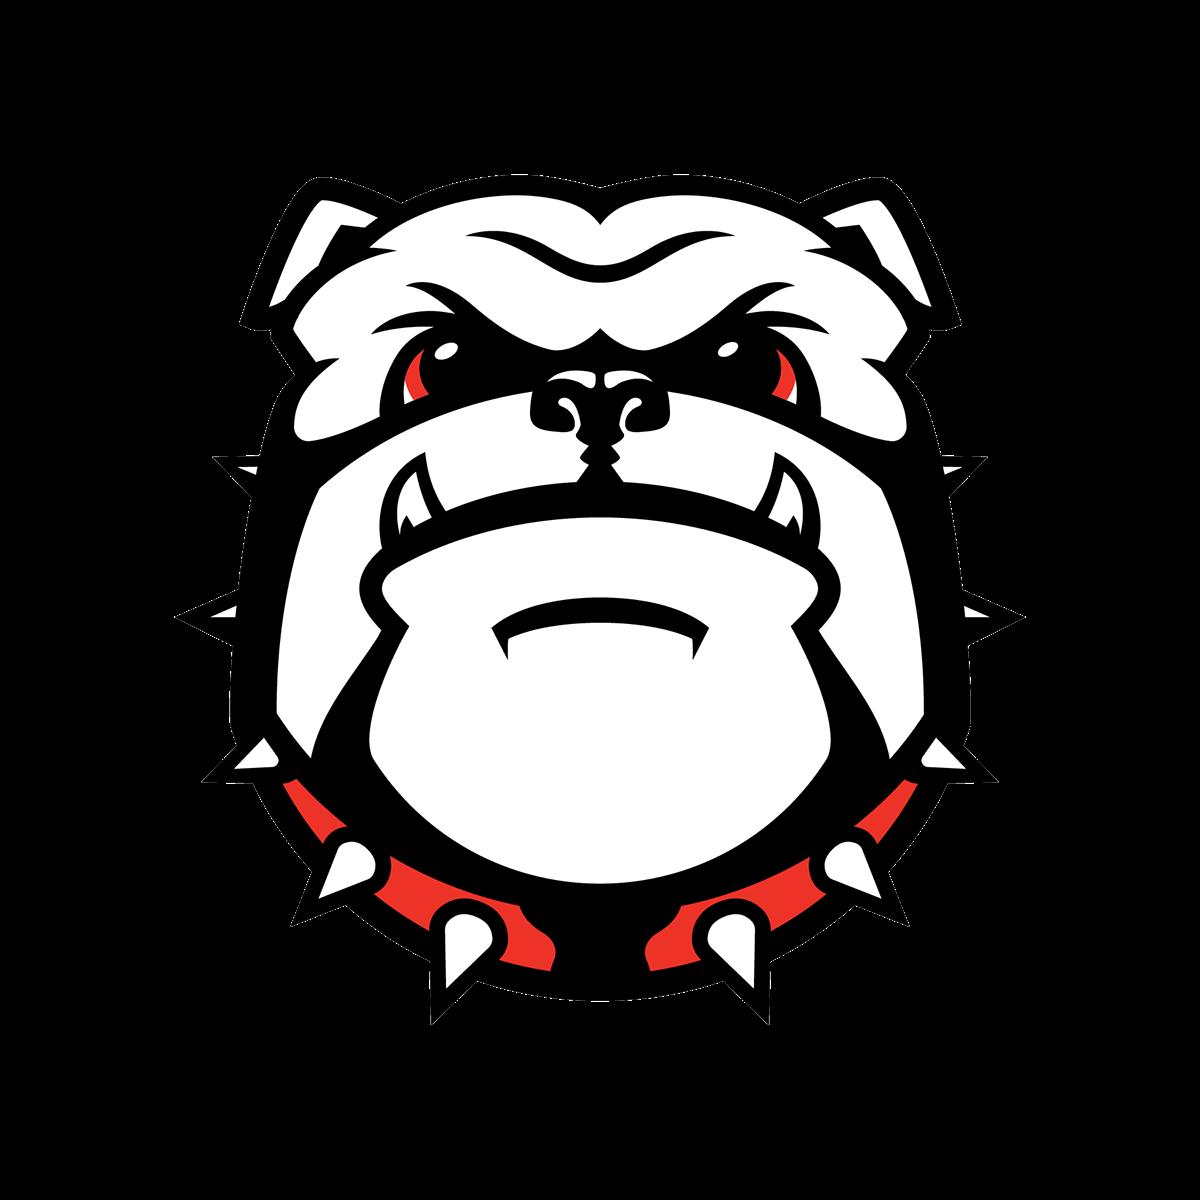 uga bulldog png transparent uga bulldog png images pluspng rh pluspng com georgia bulldog clipart black and white georgia bulldog clipart